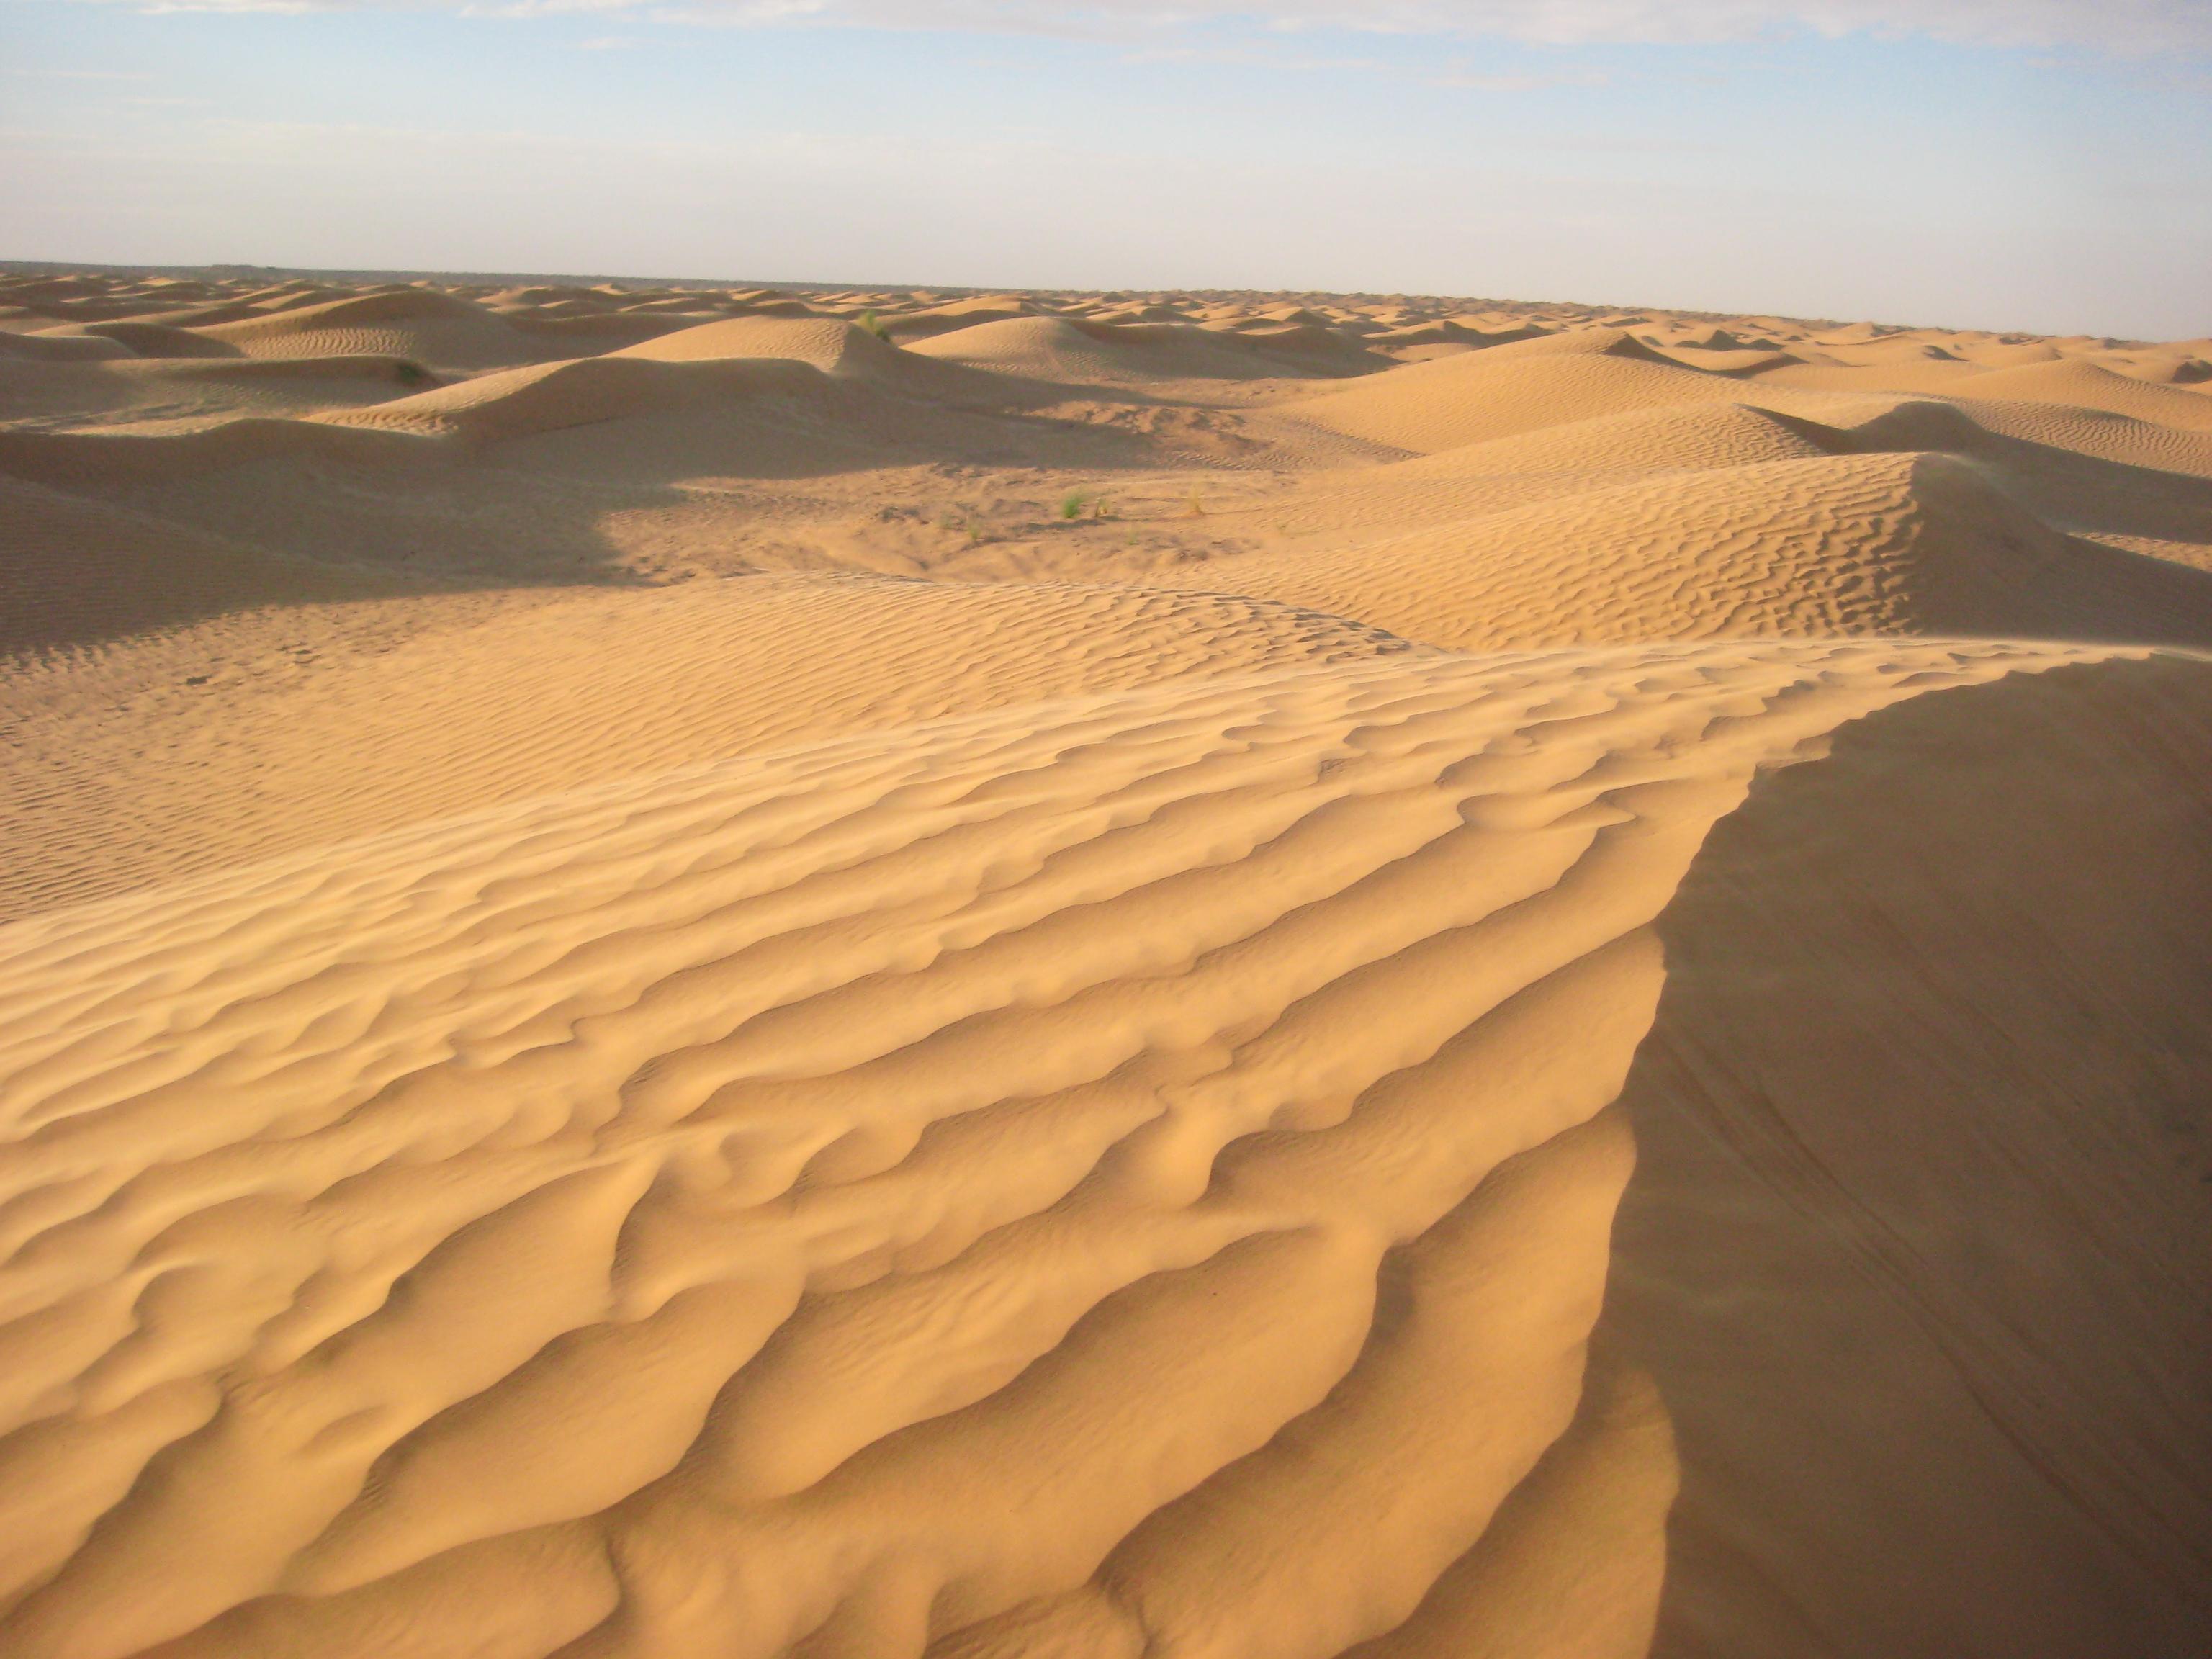 Les dunes de sable du Sahara à perte de vue